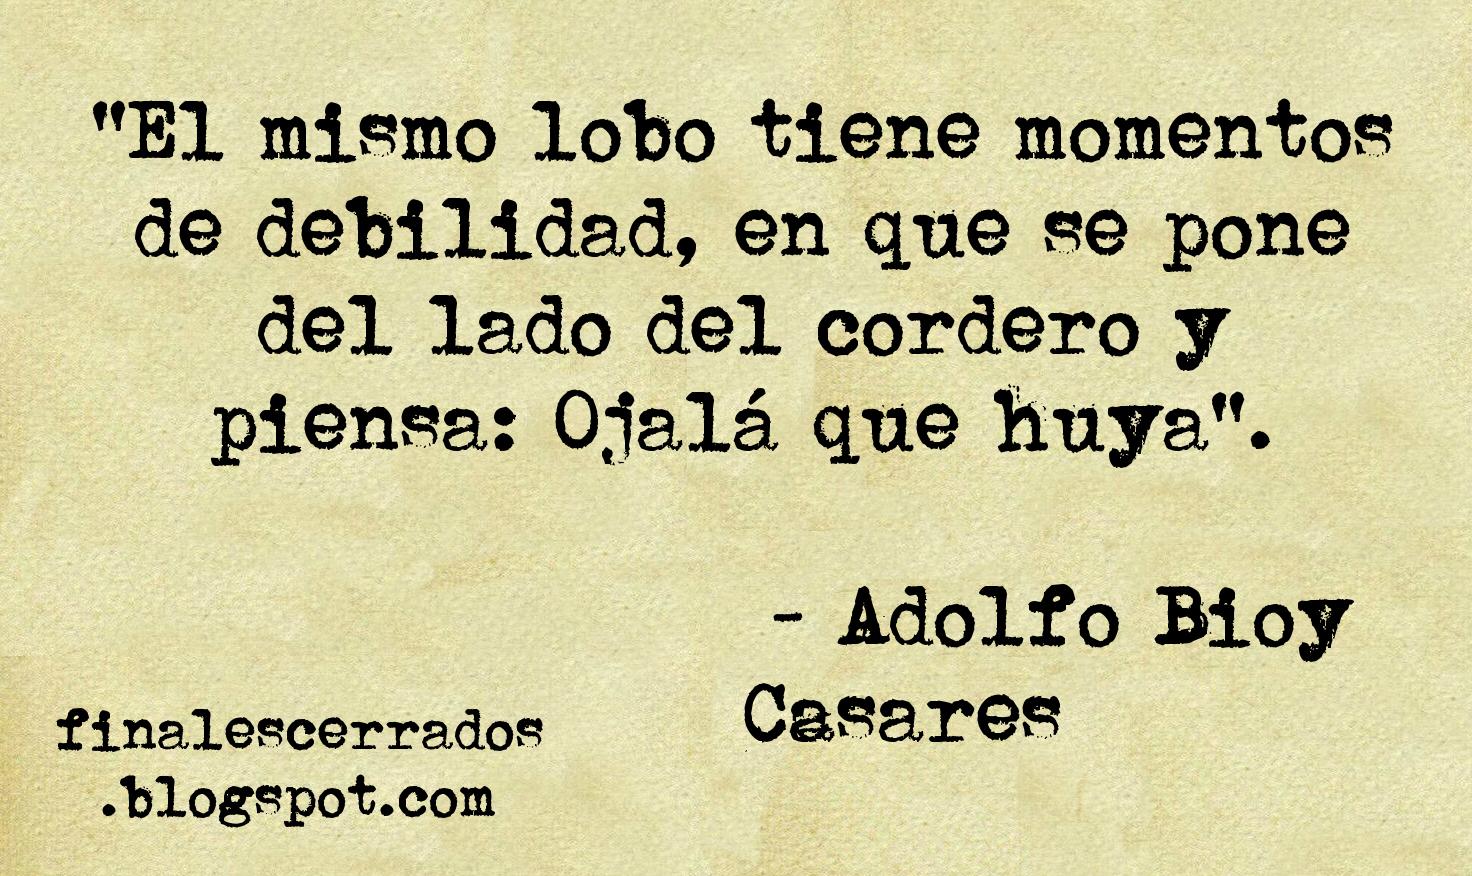 """""""El mismo lobo tiene momentos de debilidad, en que se pone del lado del cordero y piensa: Ojalá que huya"""". Adolfo Bioy Casares. Guirnalda con amores (1959)"""